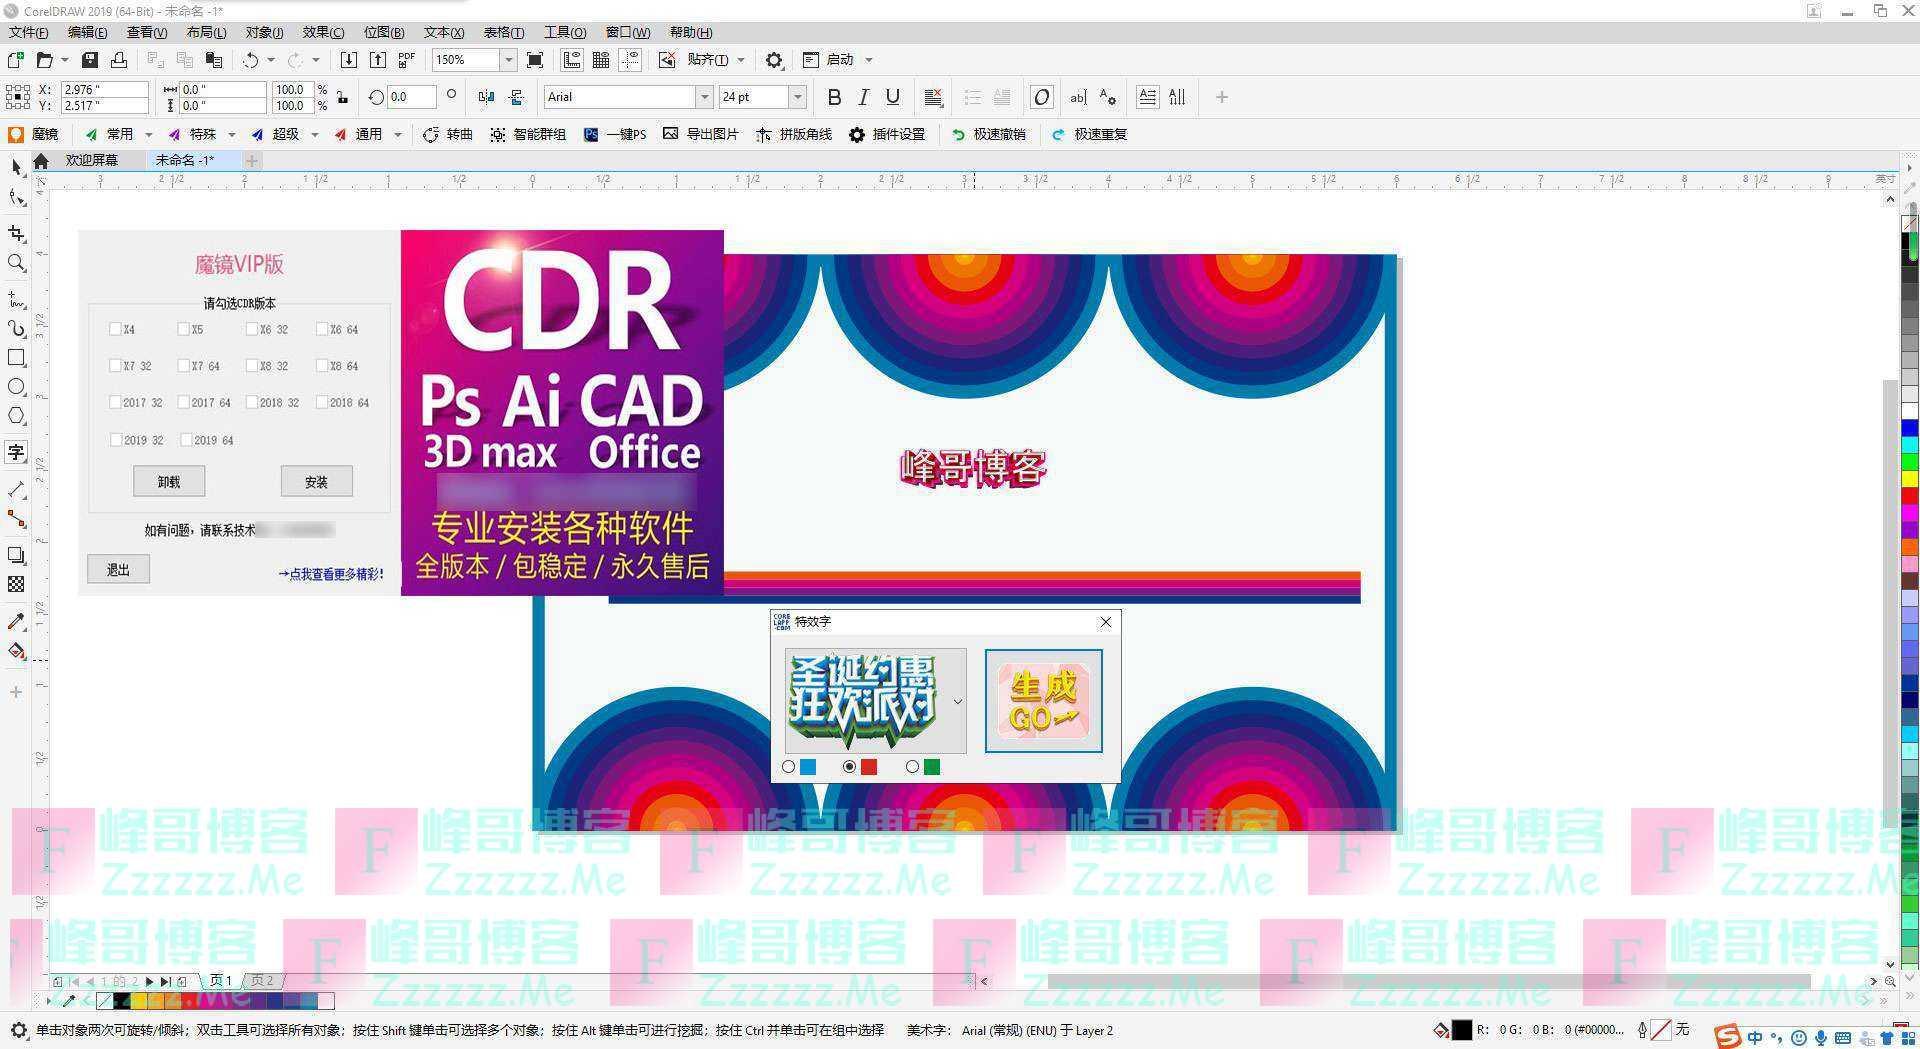 CorelDraw魔镜增强插件VIP破解版下载